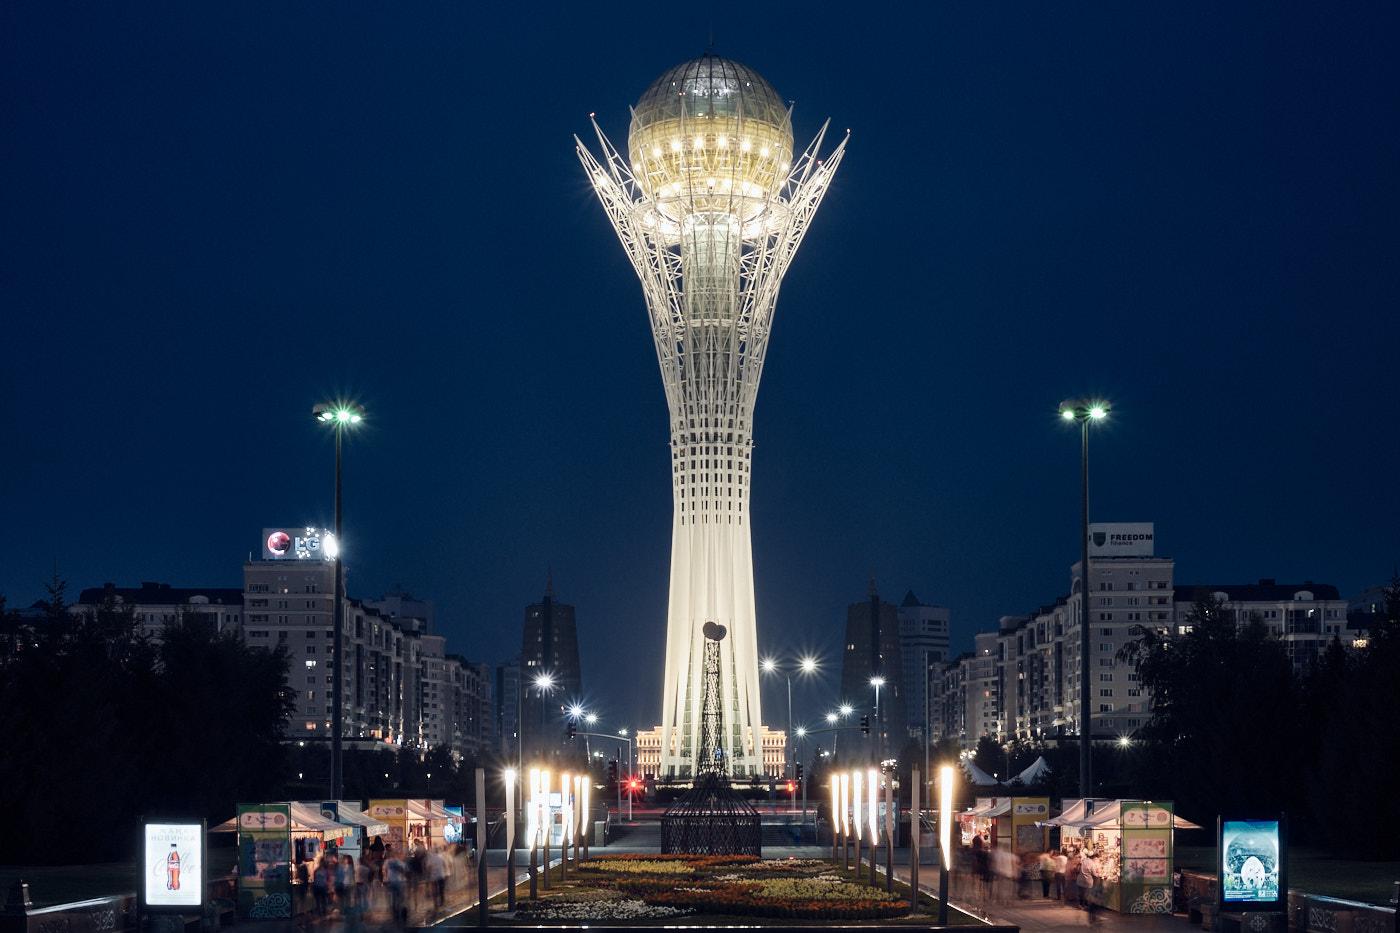 Transit durch Kasachstan - Der Bajterek-Turm symbolisiert die friedliebende Natur des Landes und den alten Glauben der Turkvölker an Wiedergeburt, Wachstum und Entwicklung.